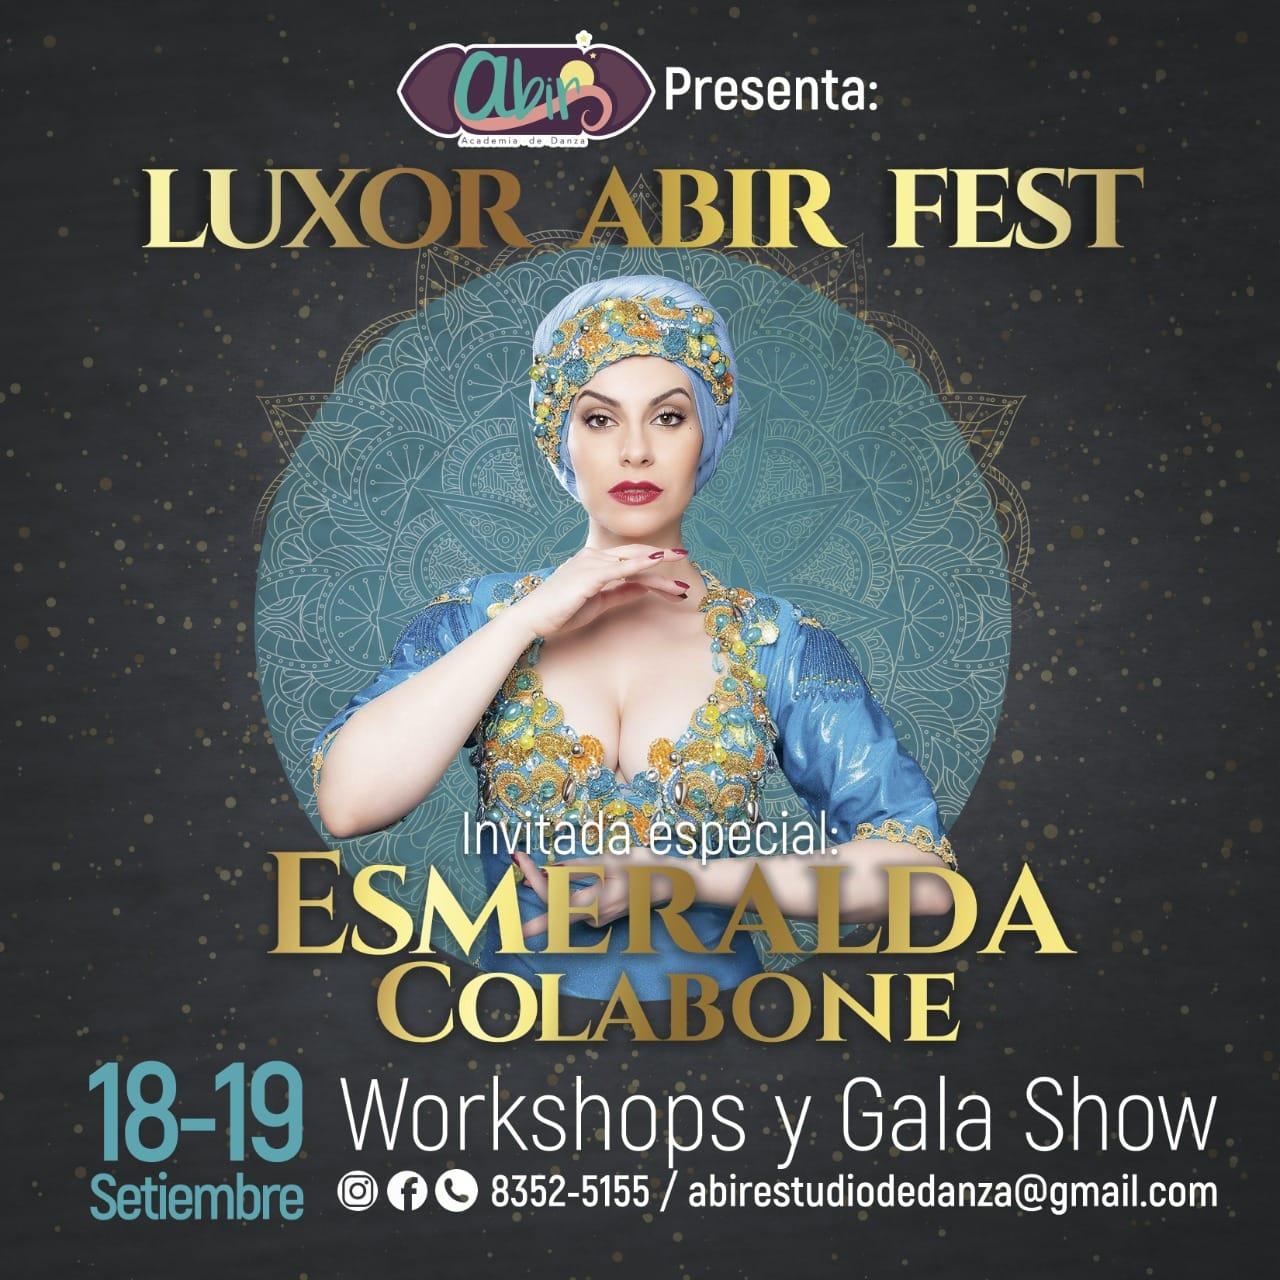 Luxor Abir Fest 2021